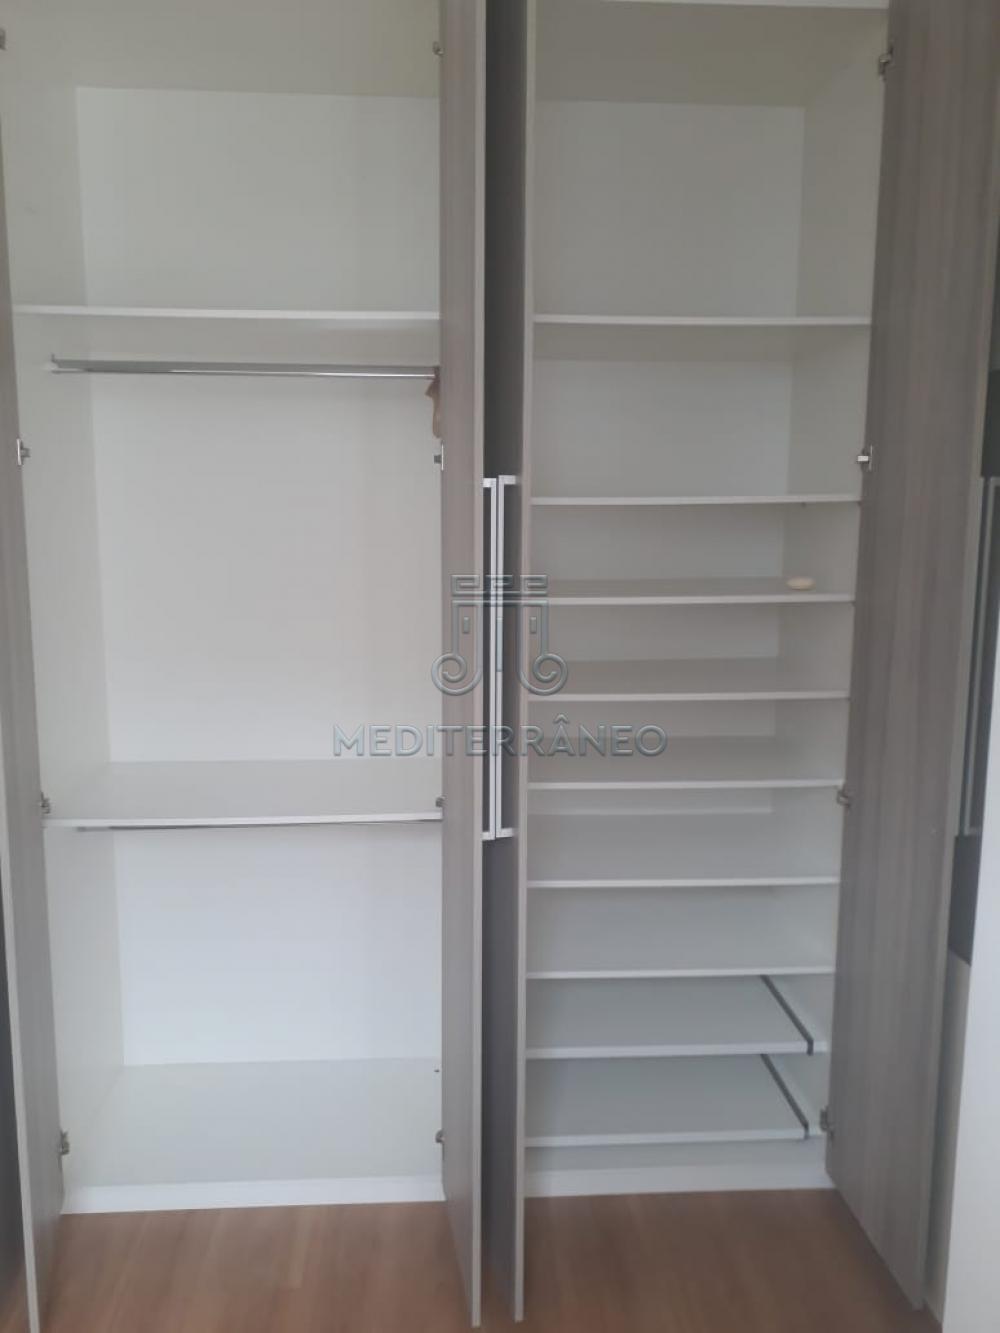 Comprar Apartamento / Padrão em Jundiaí apenas R$ 225.000,00 - Foto 8